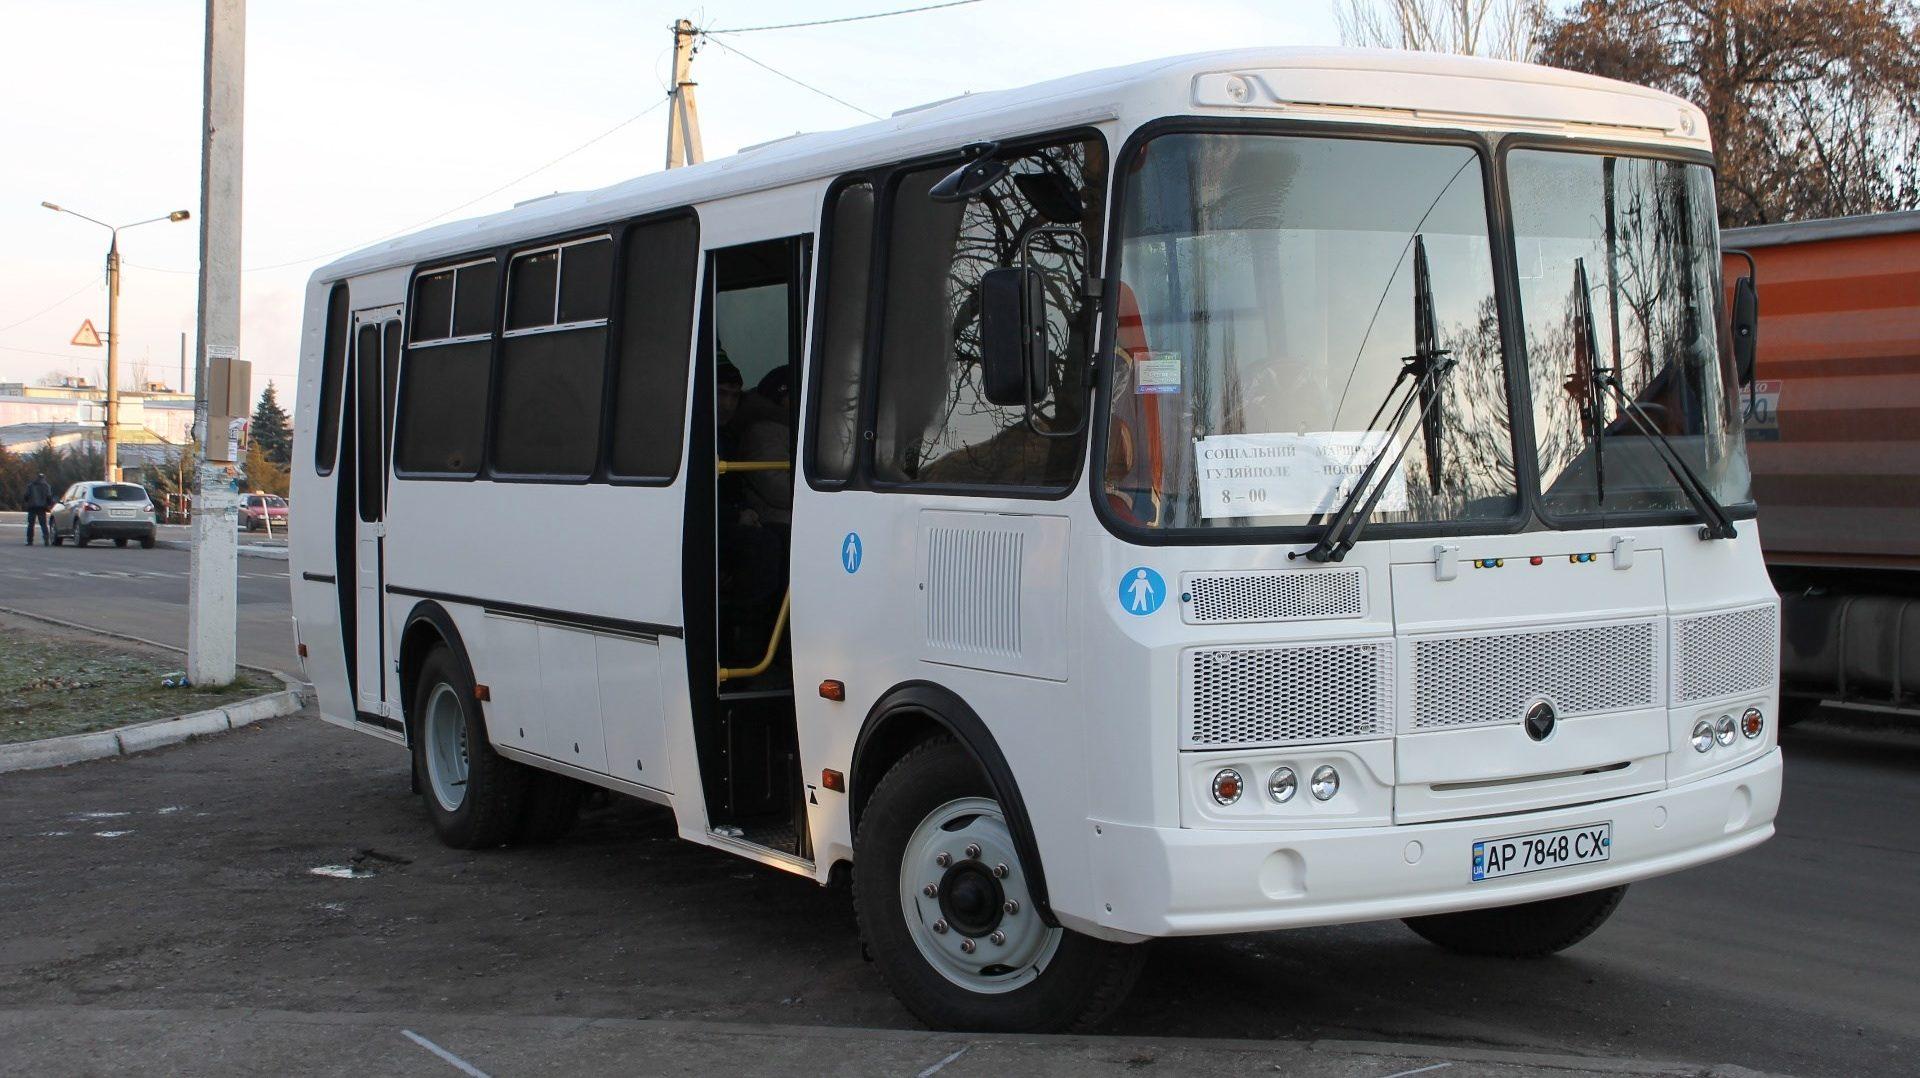 В одному з міст Запорізької області відсьогодні почали працювати спецрейси автобусів: хто може ними скористуватись